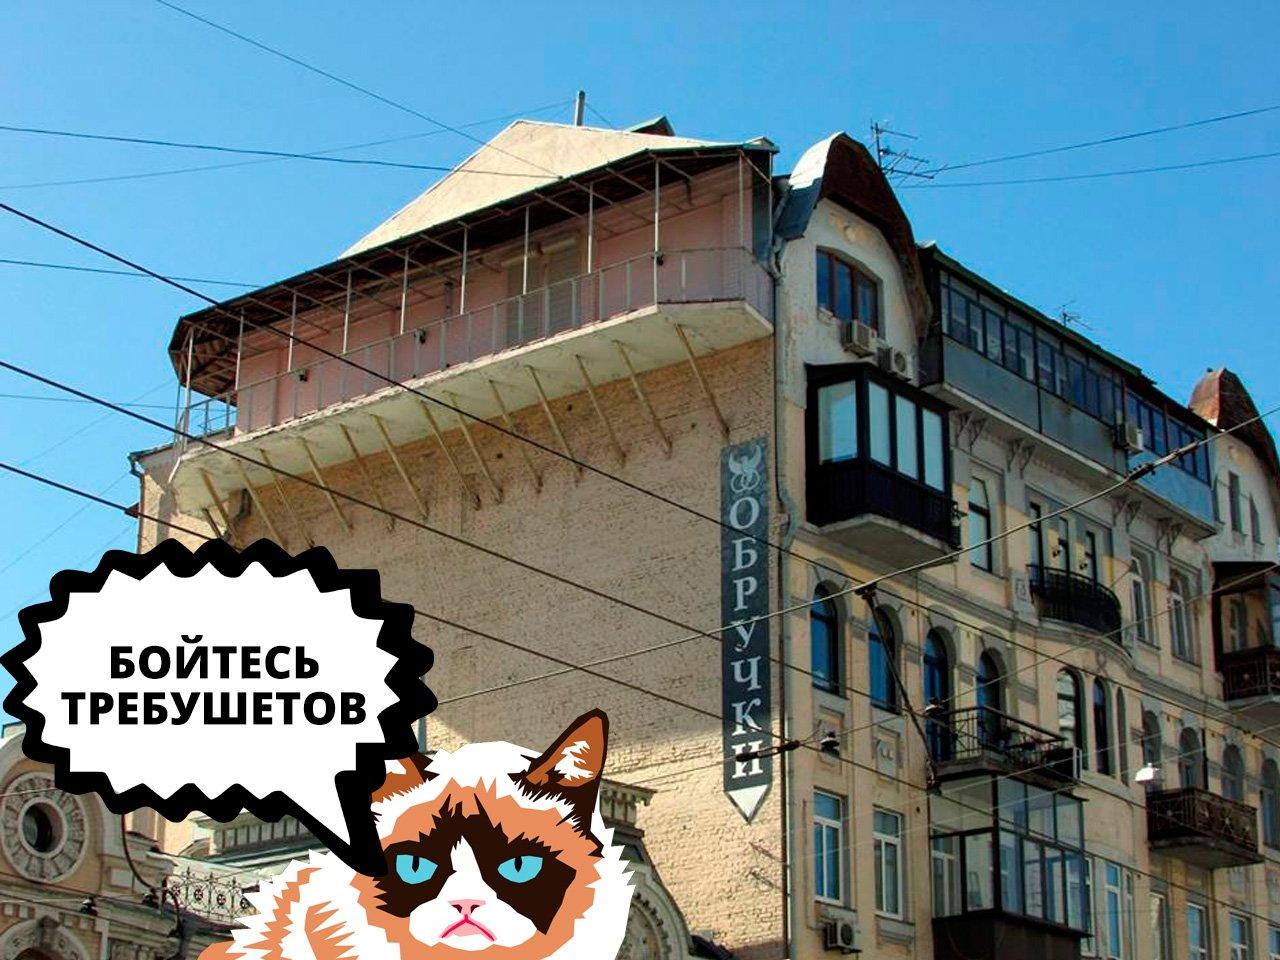 Царь-балконы наступают: как киевляне реагируют на эпидемию, фото-1